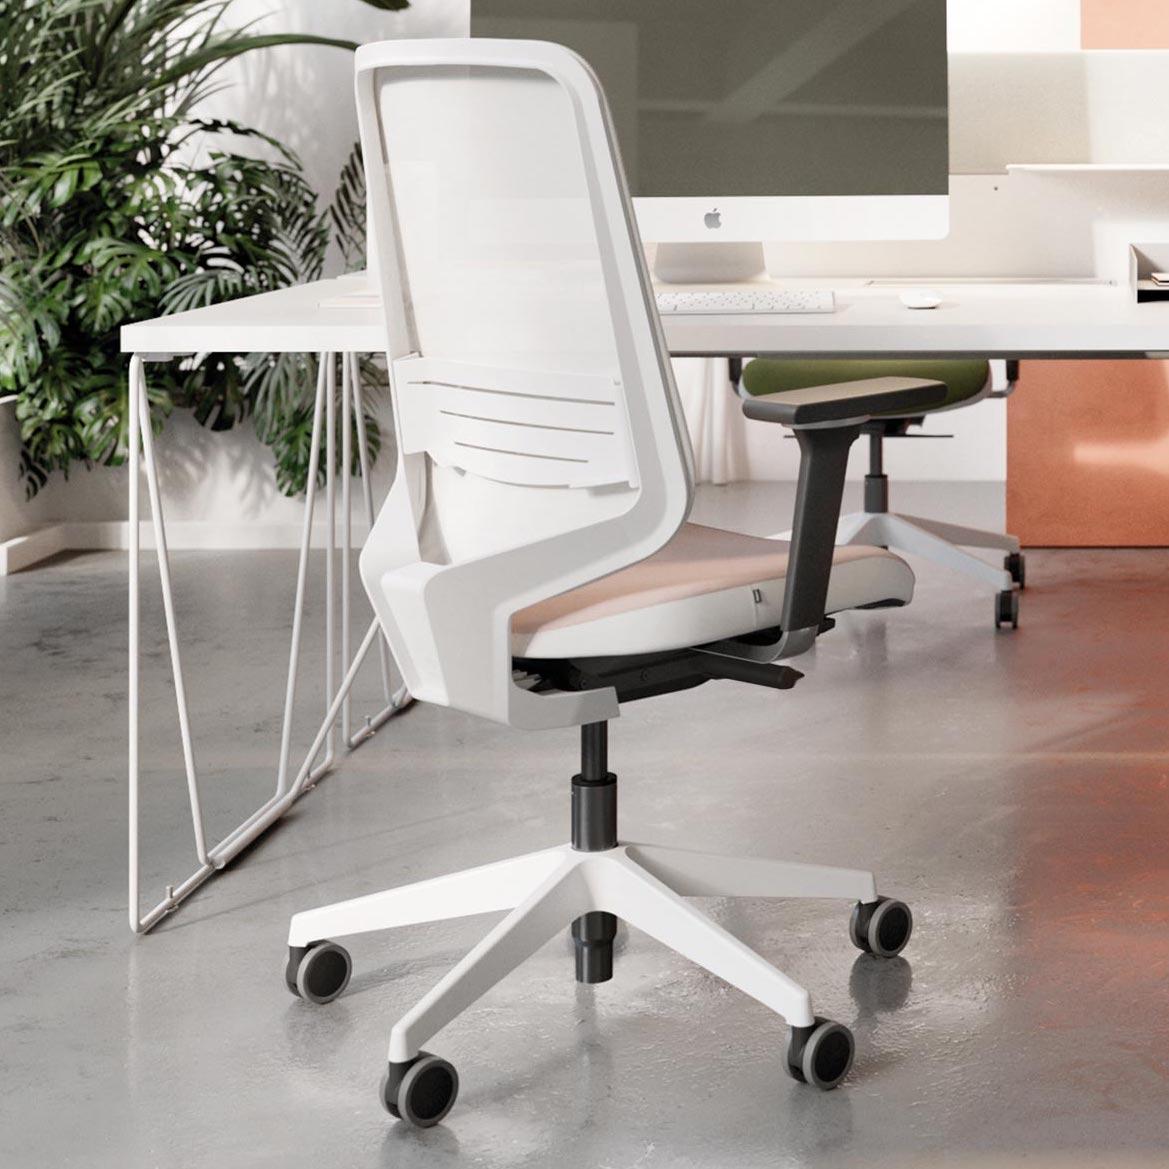 fauteuil de bureau ergonomique DOT PRO